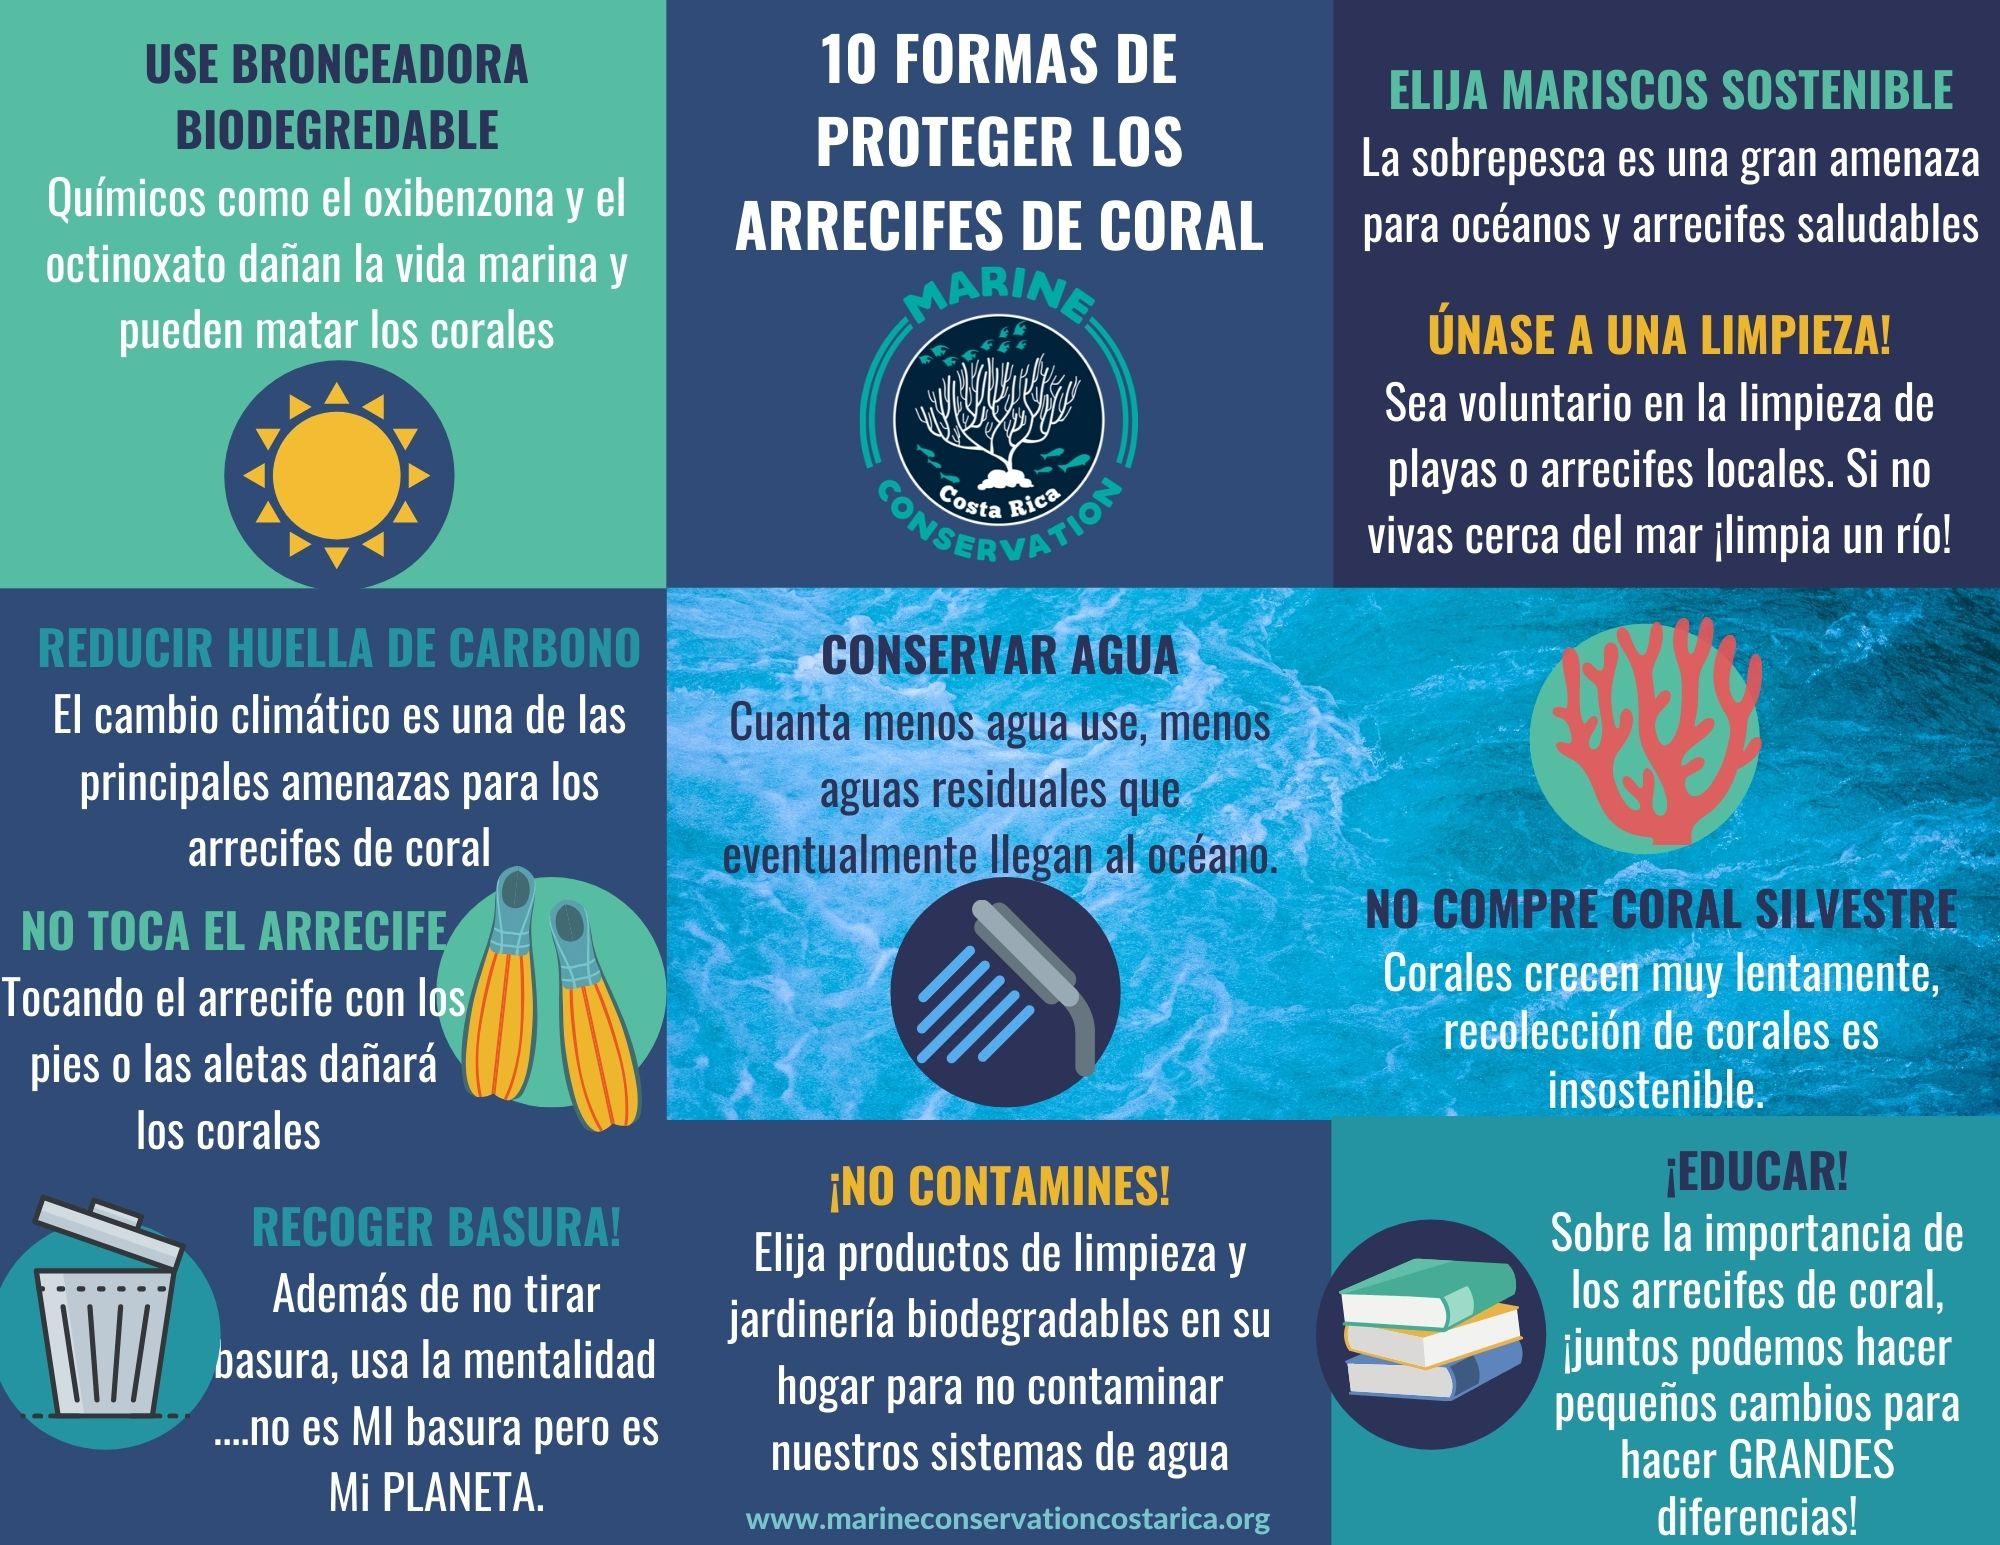 10 Formas de Proteger los Arrecifes de Coral